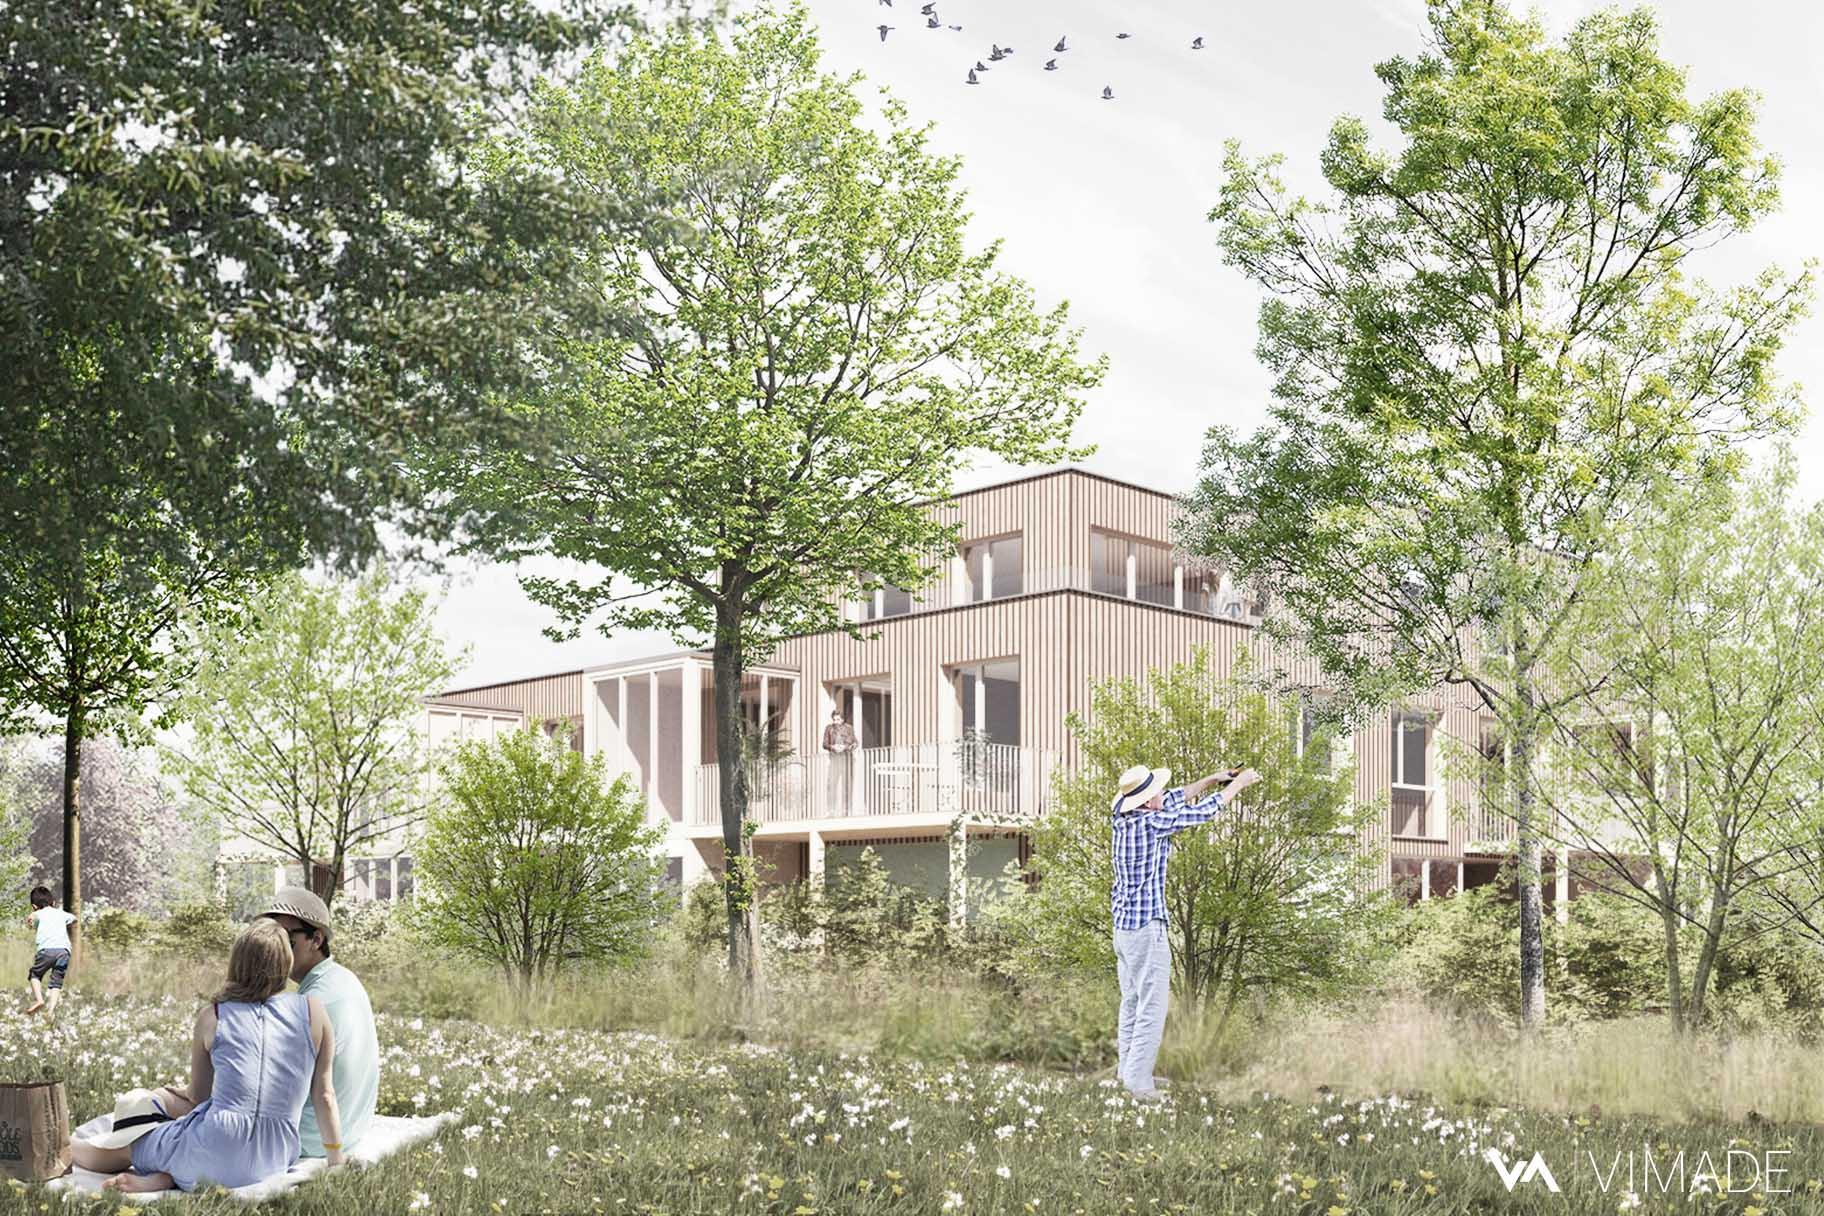 Projet d'aménagement paysager écologique pour des logement collectifs à Pinchat, Veyrier avec prairies et haies vives indigènes par VIMADE Architectes paysagistes.